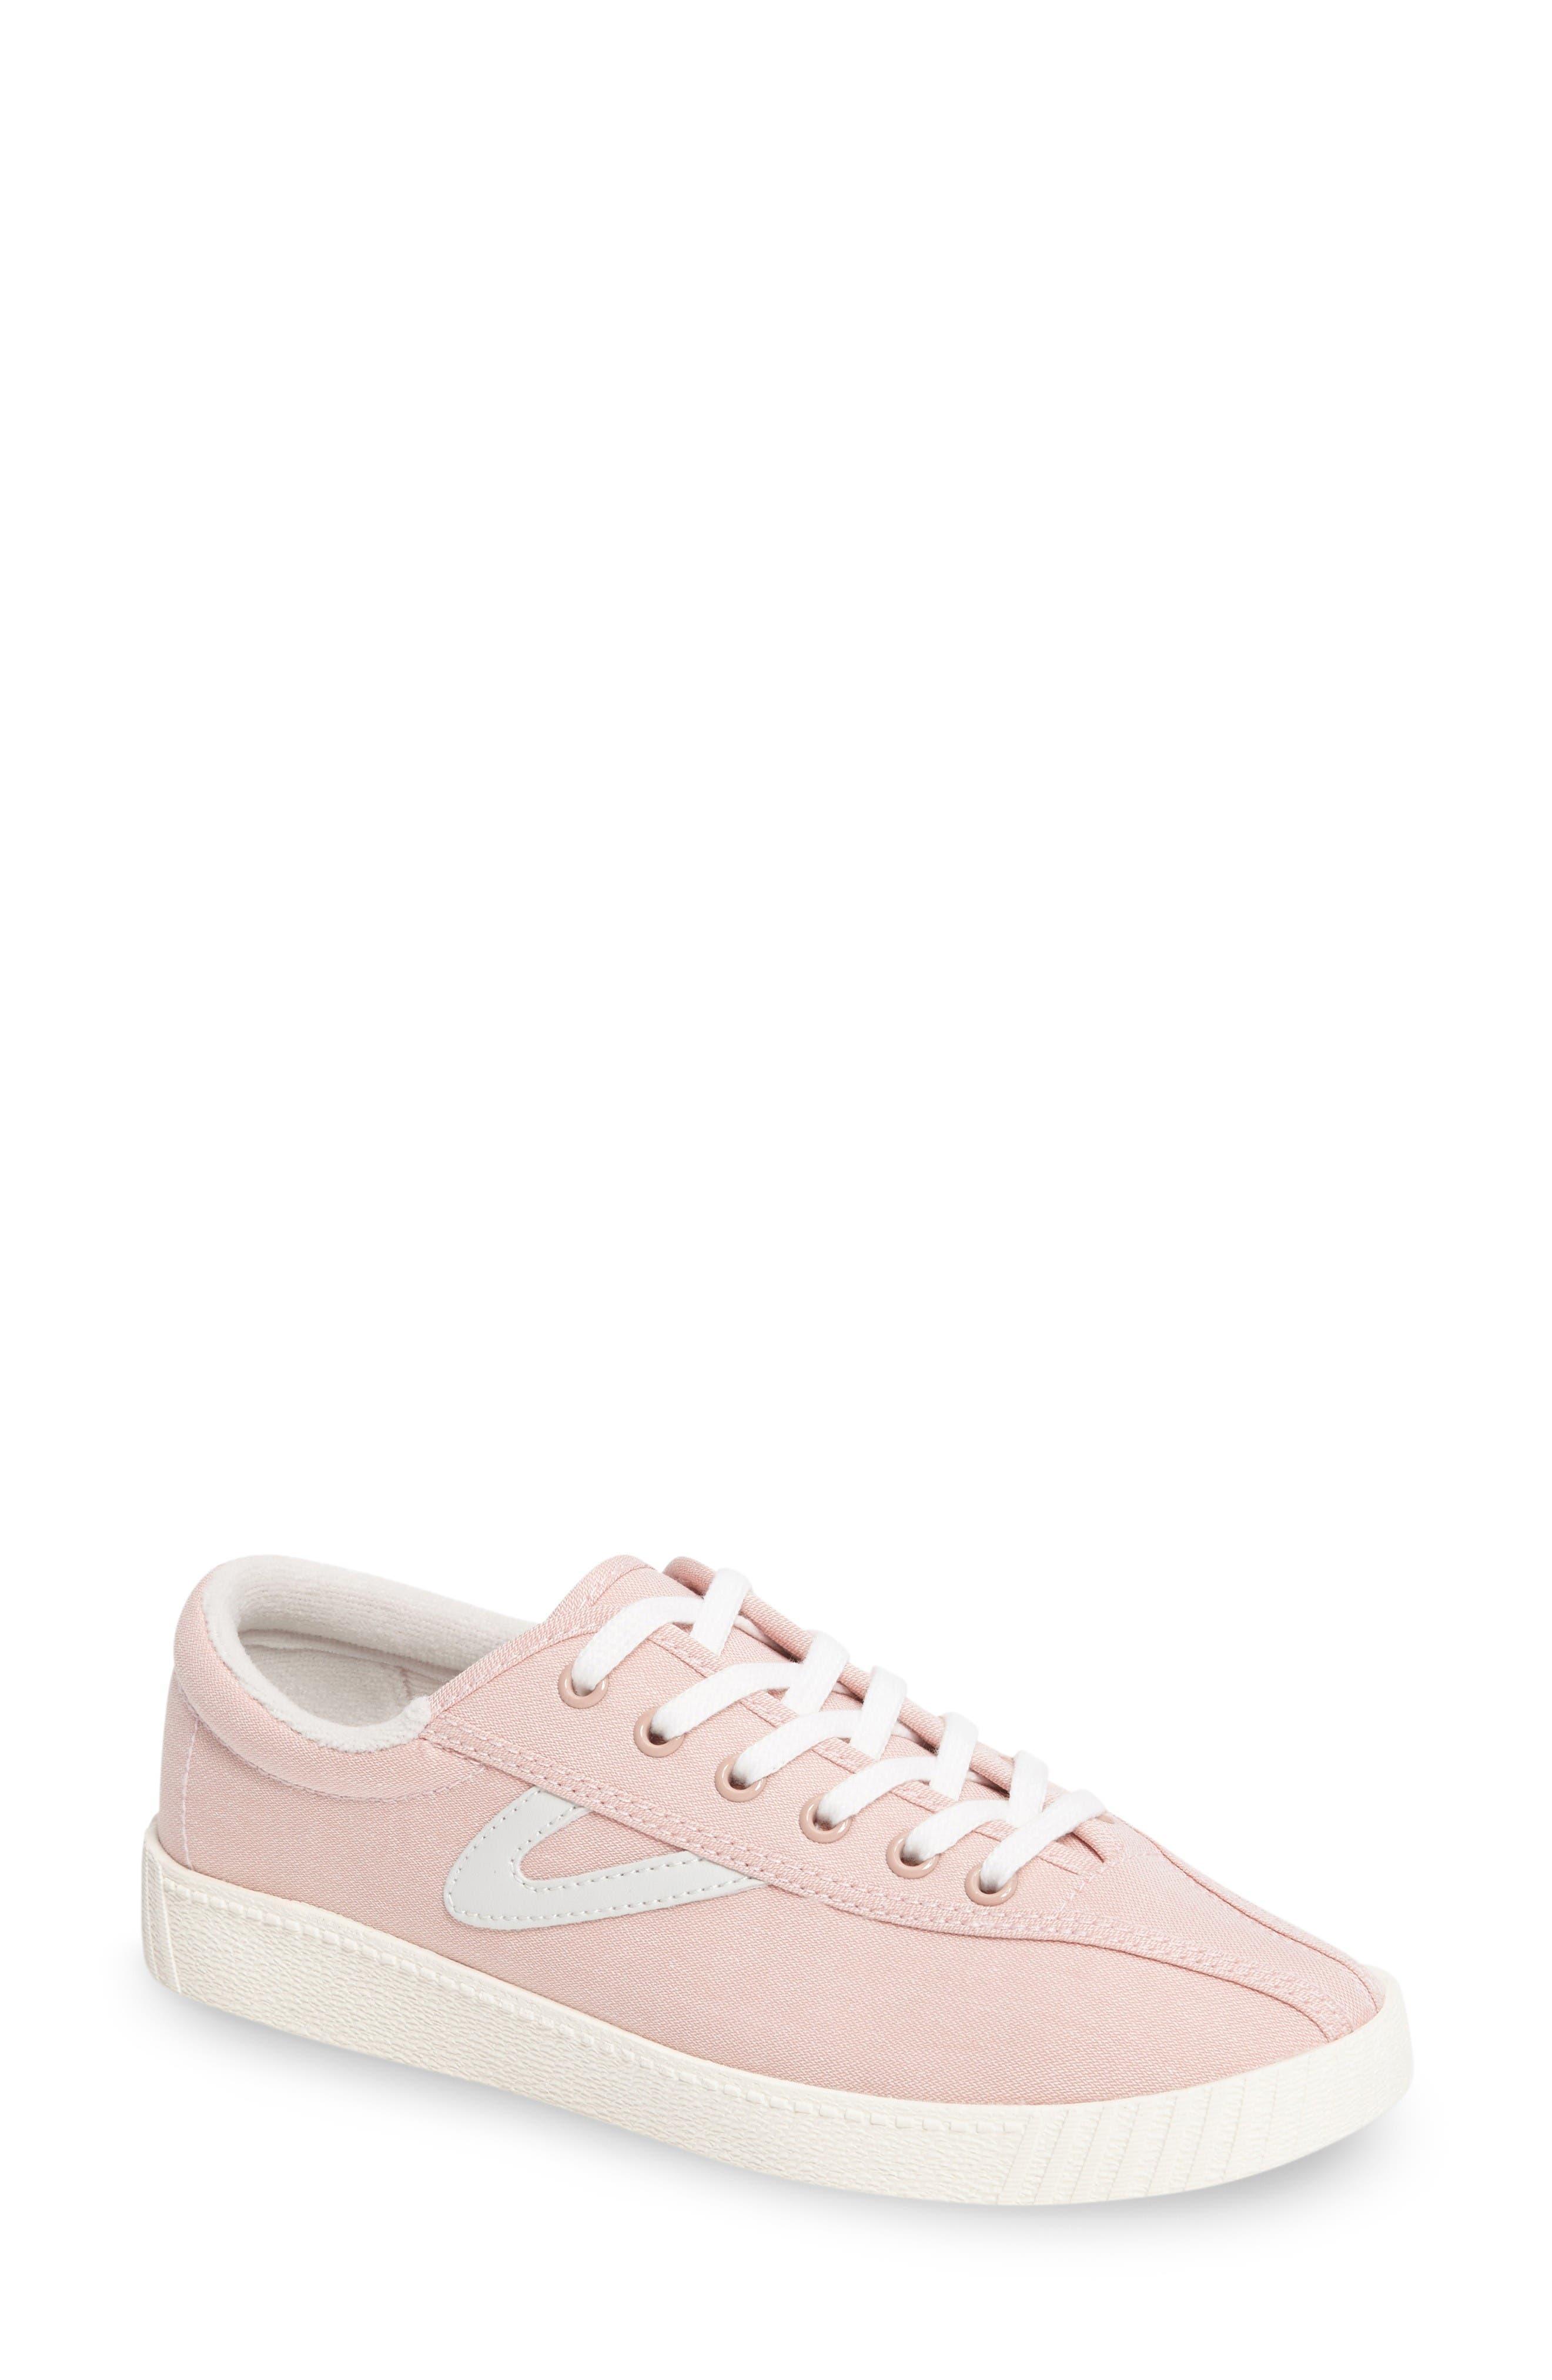 Tretorn 'Nylite' Sneaker (Women)